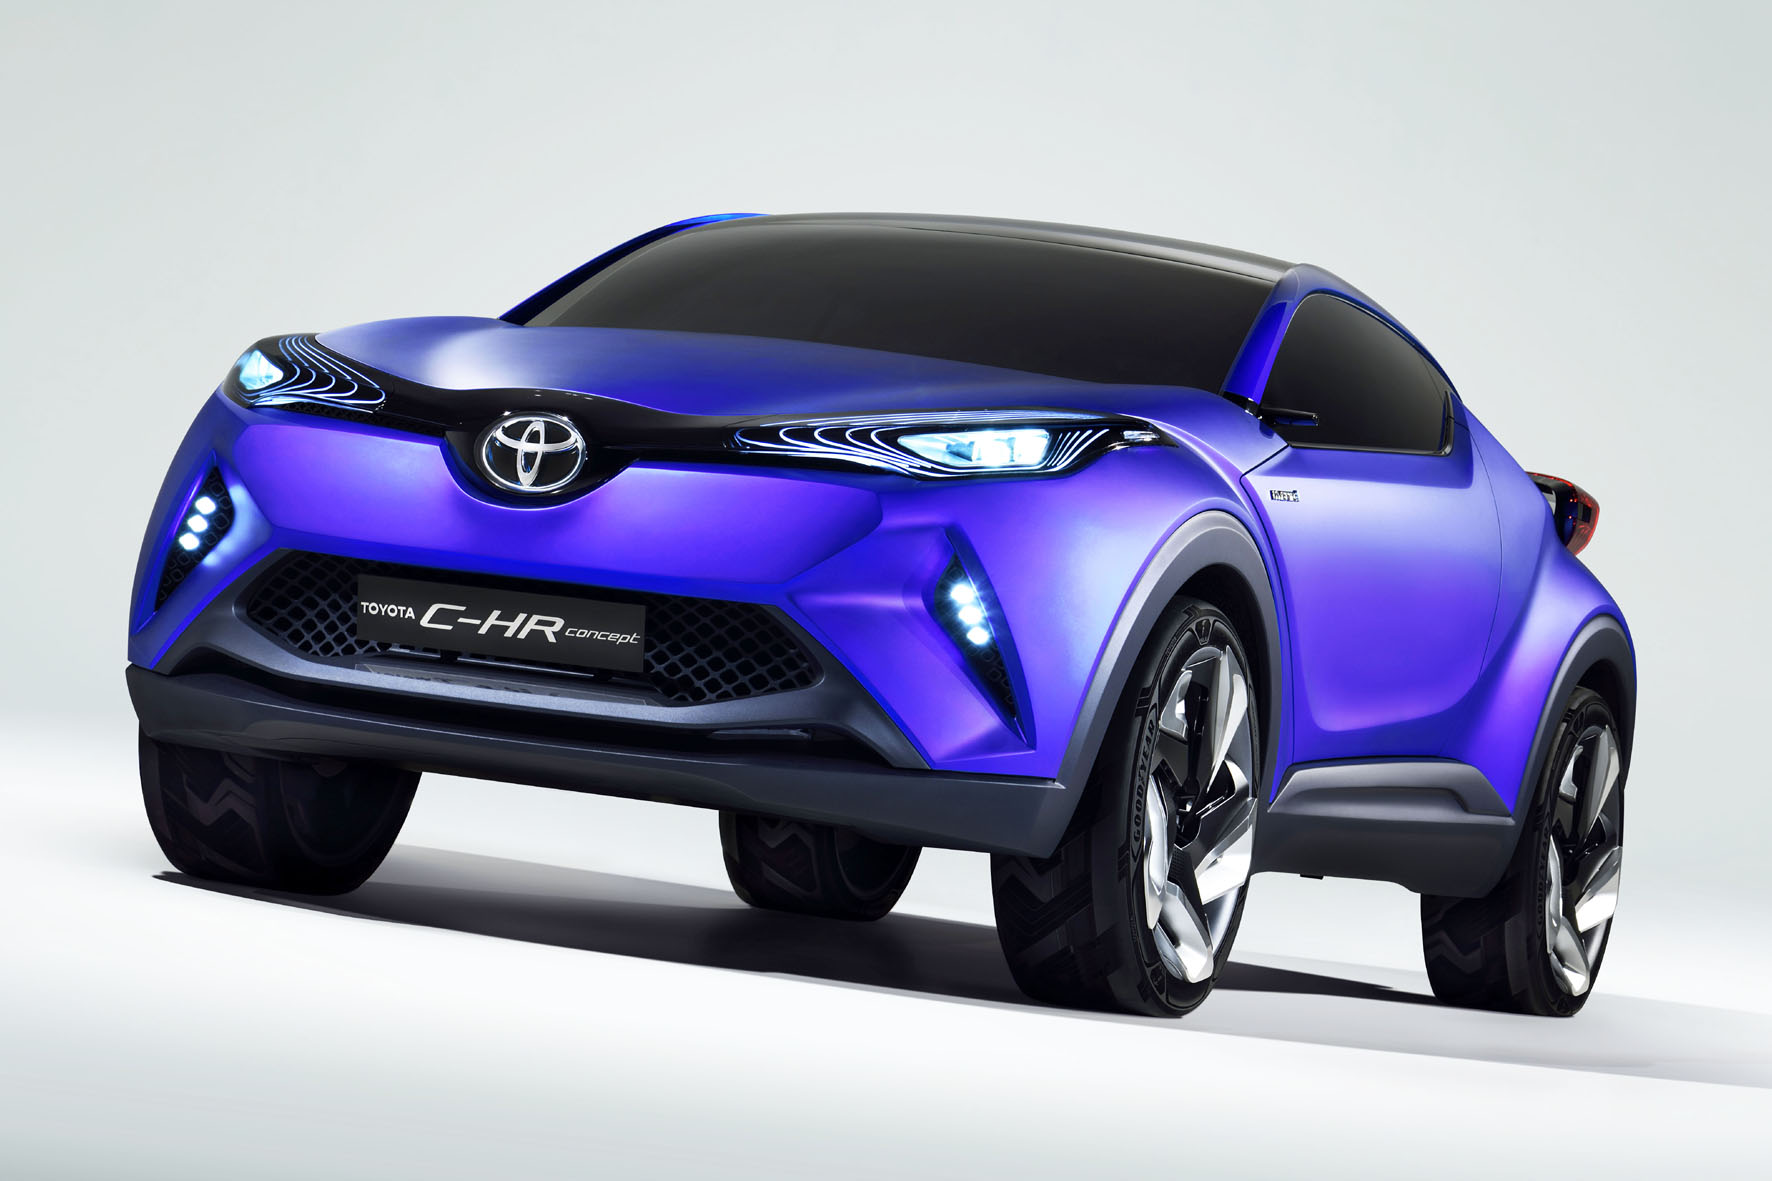 Konzeptauto Toyota C-HR in blau 2014